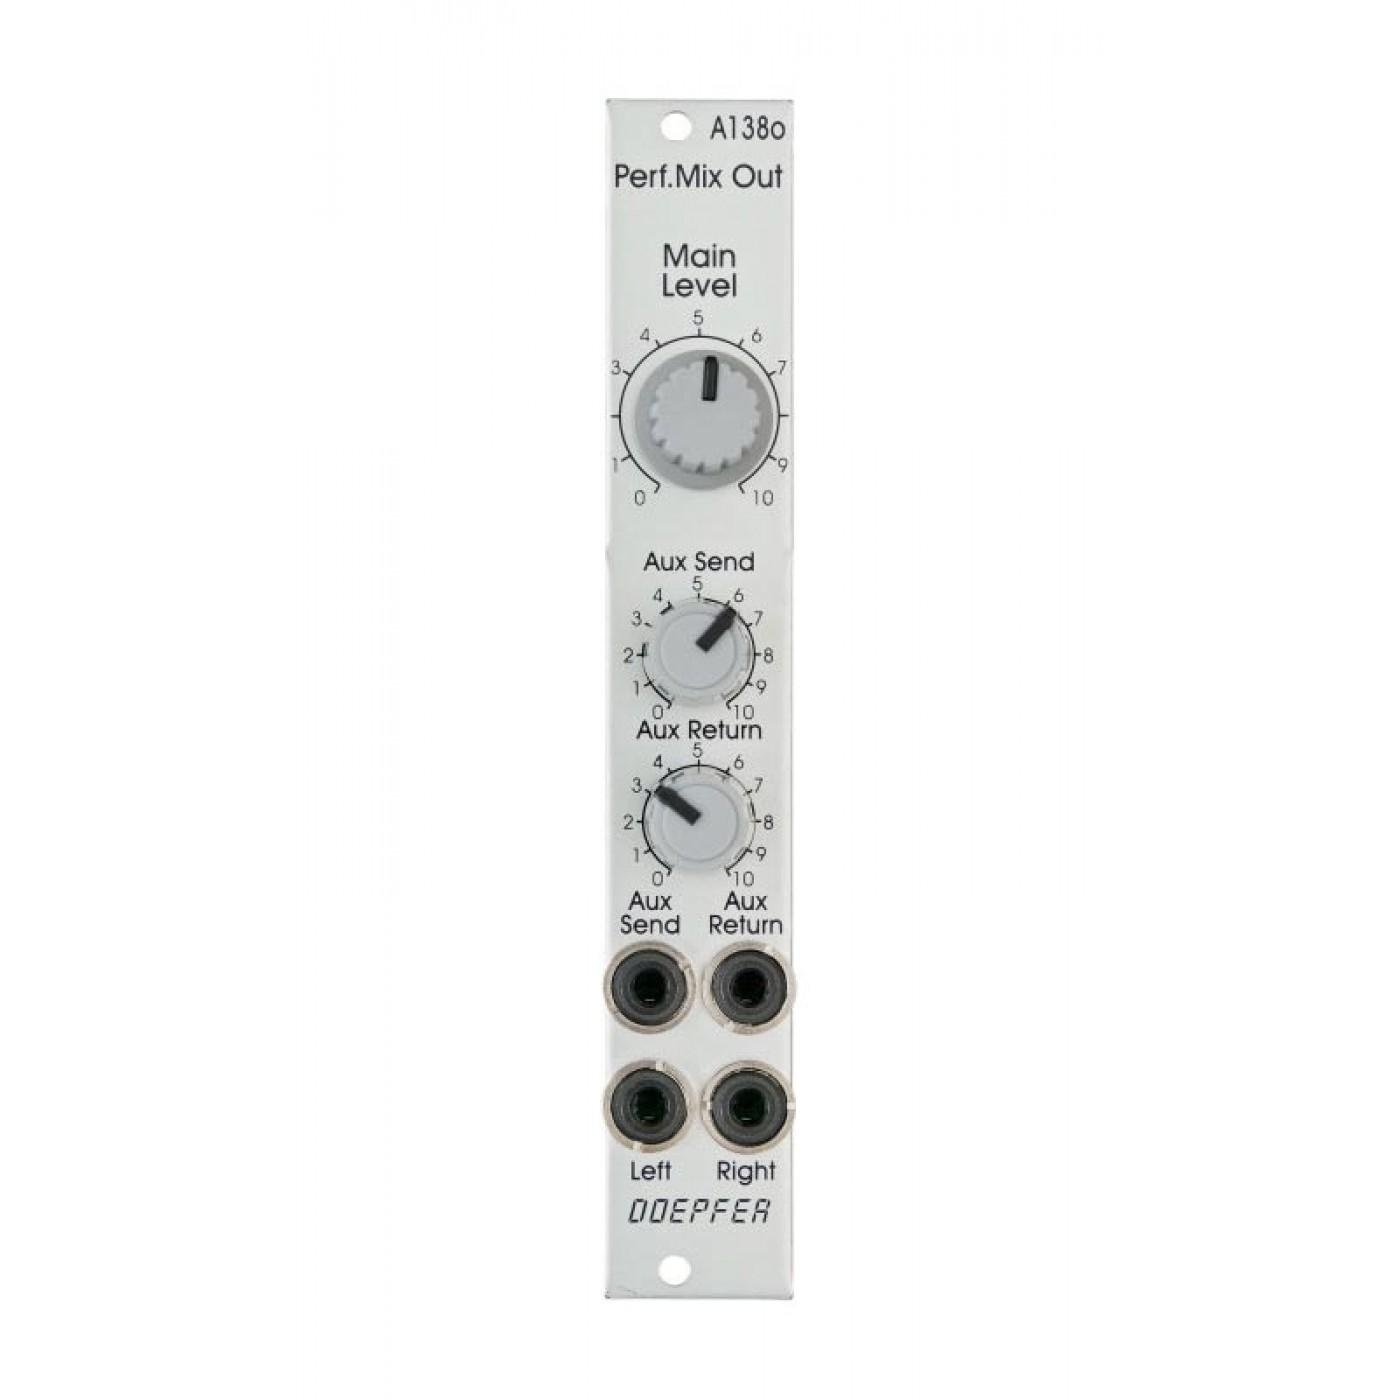 Doepfer A-138o | Rage Audio